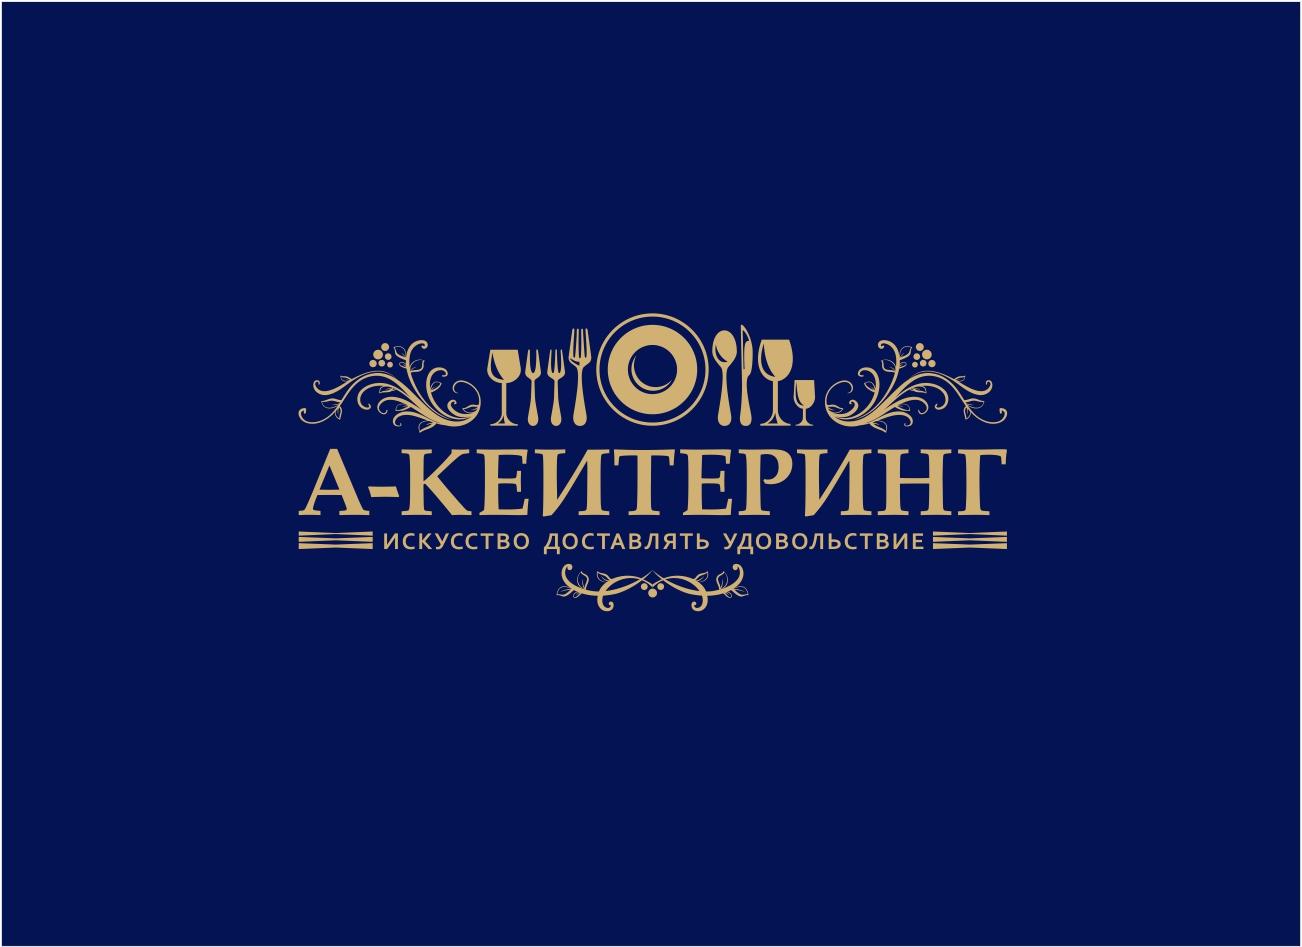 Кейтеринг. Регион Сибирь